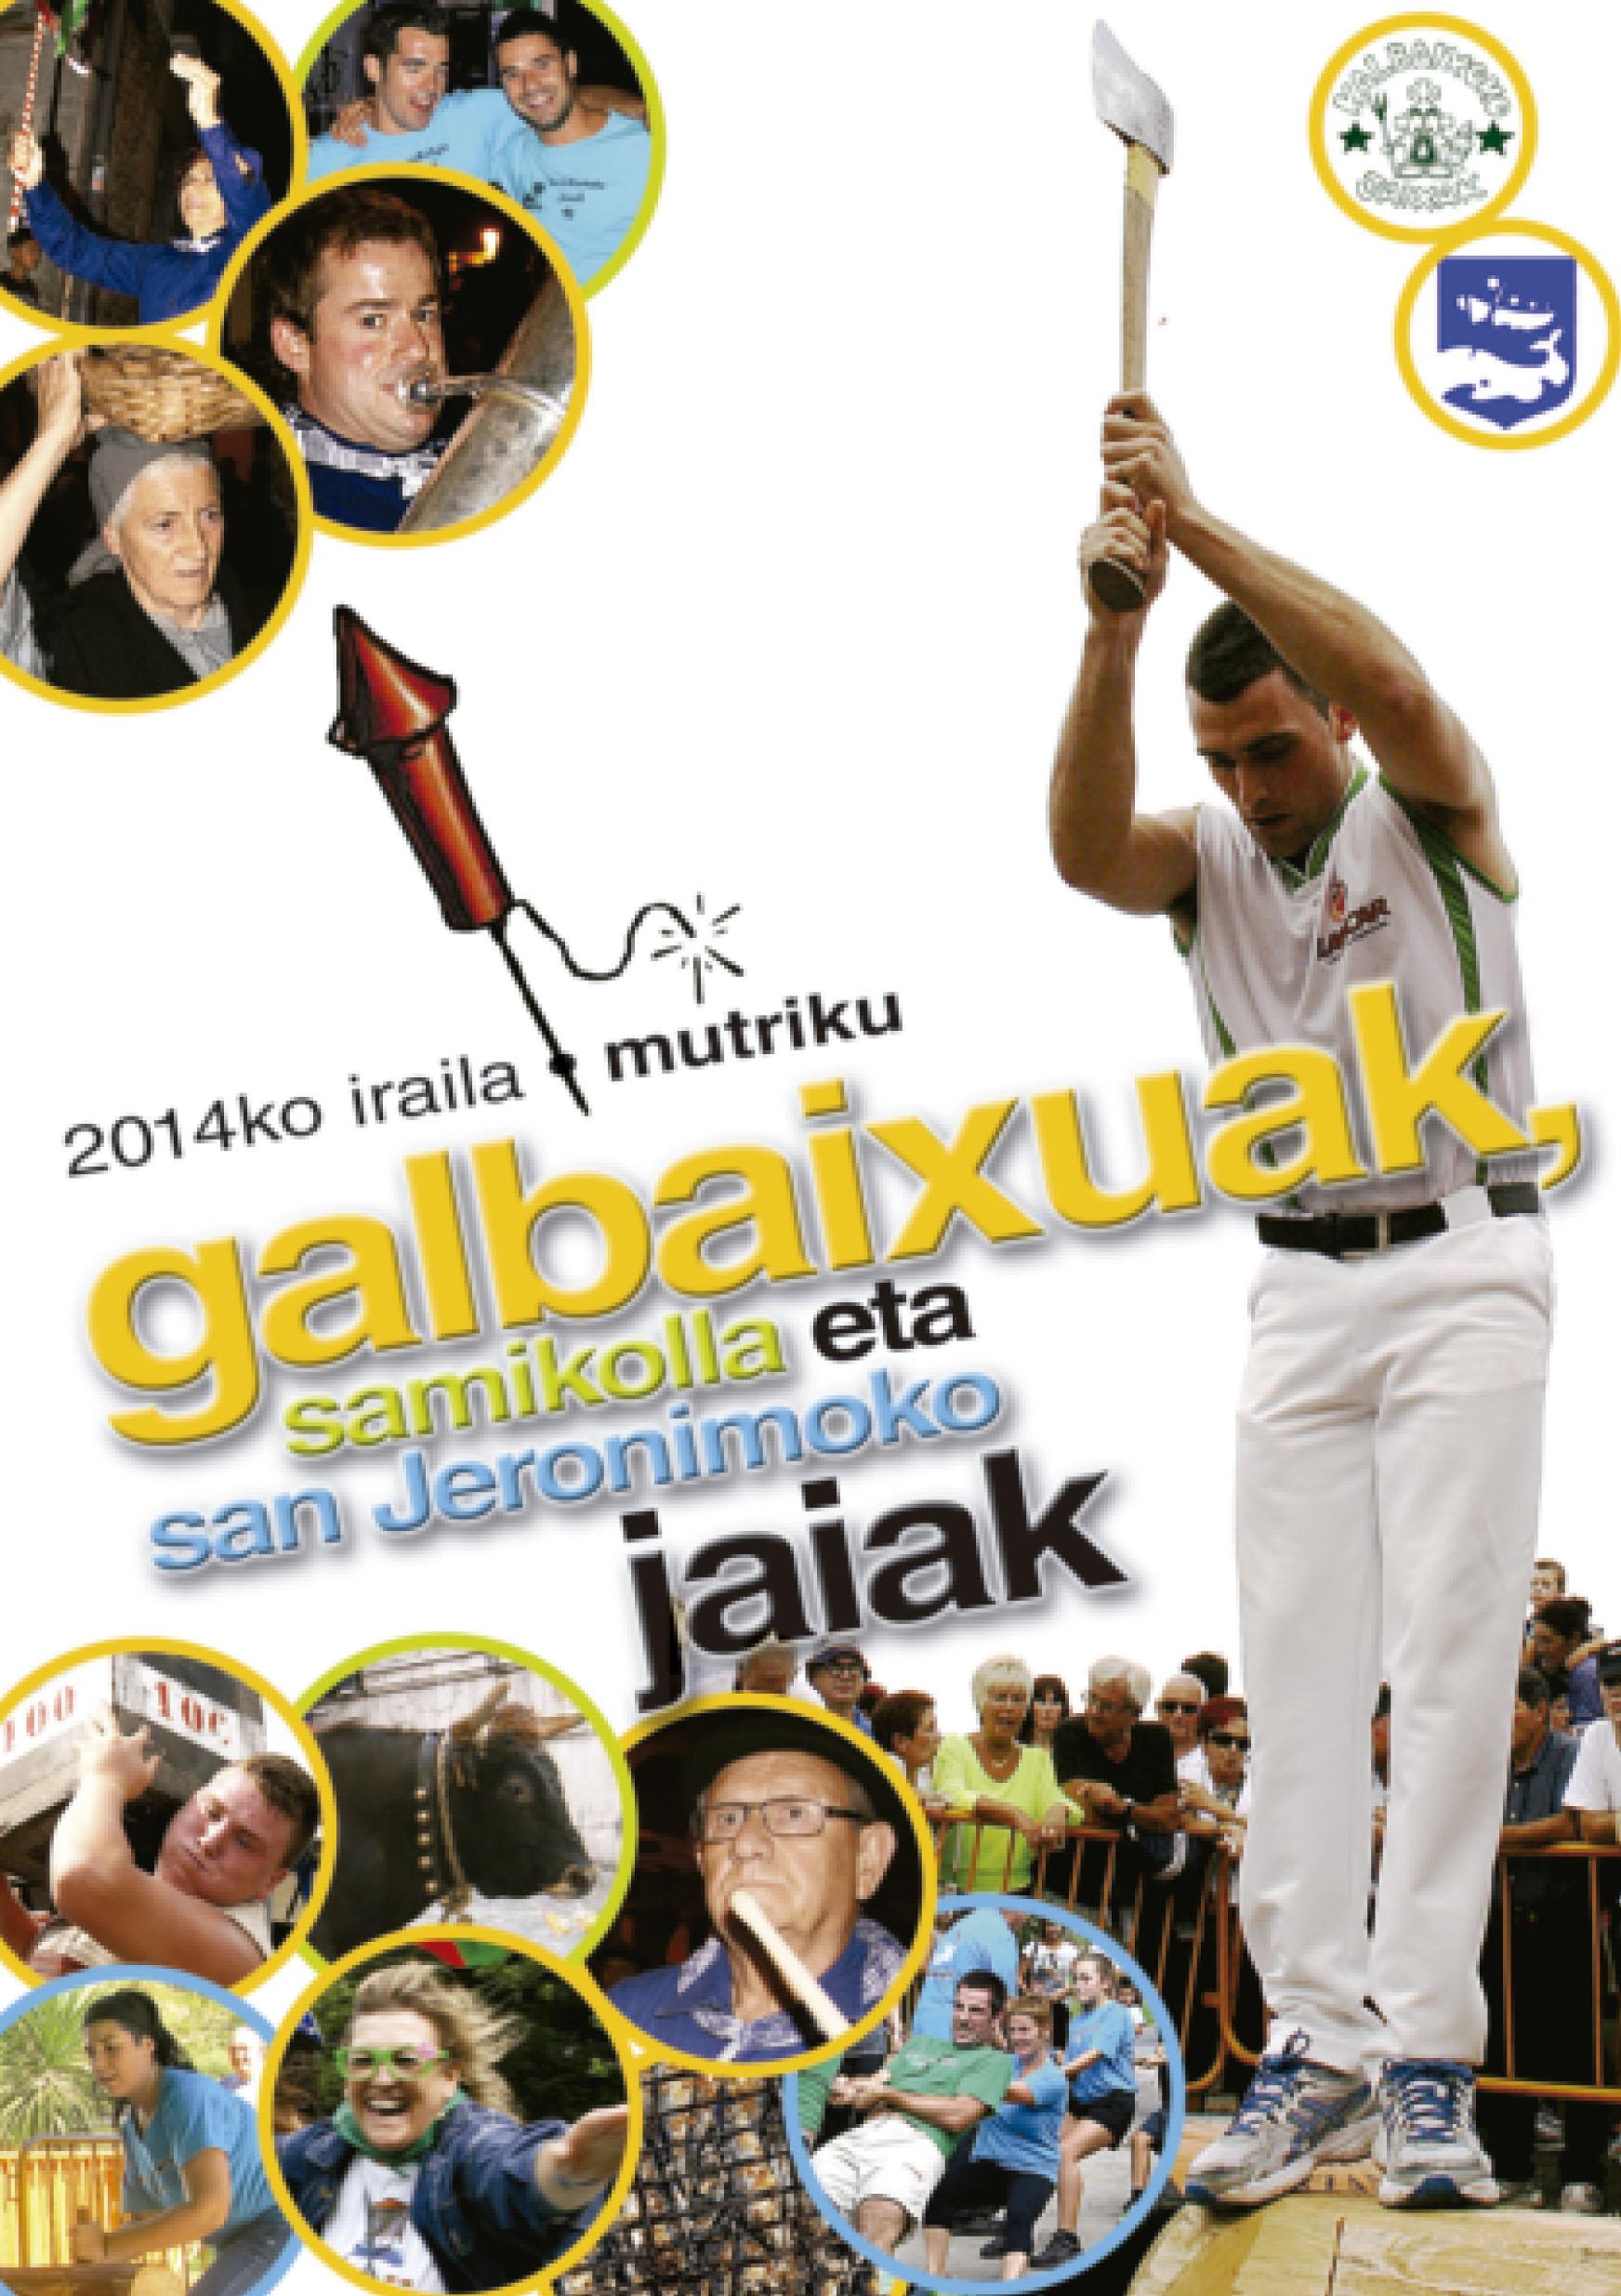 Galbaixoak 2014